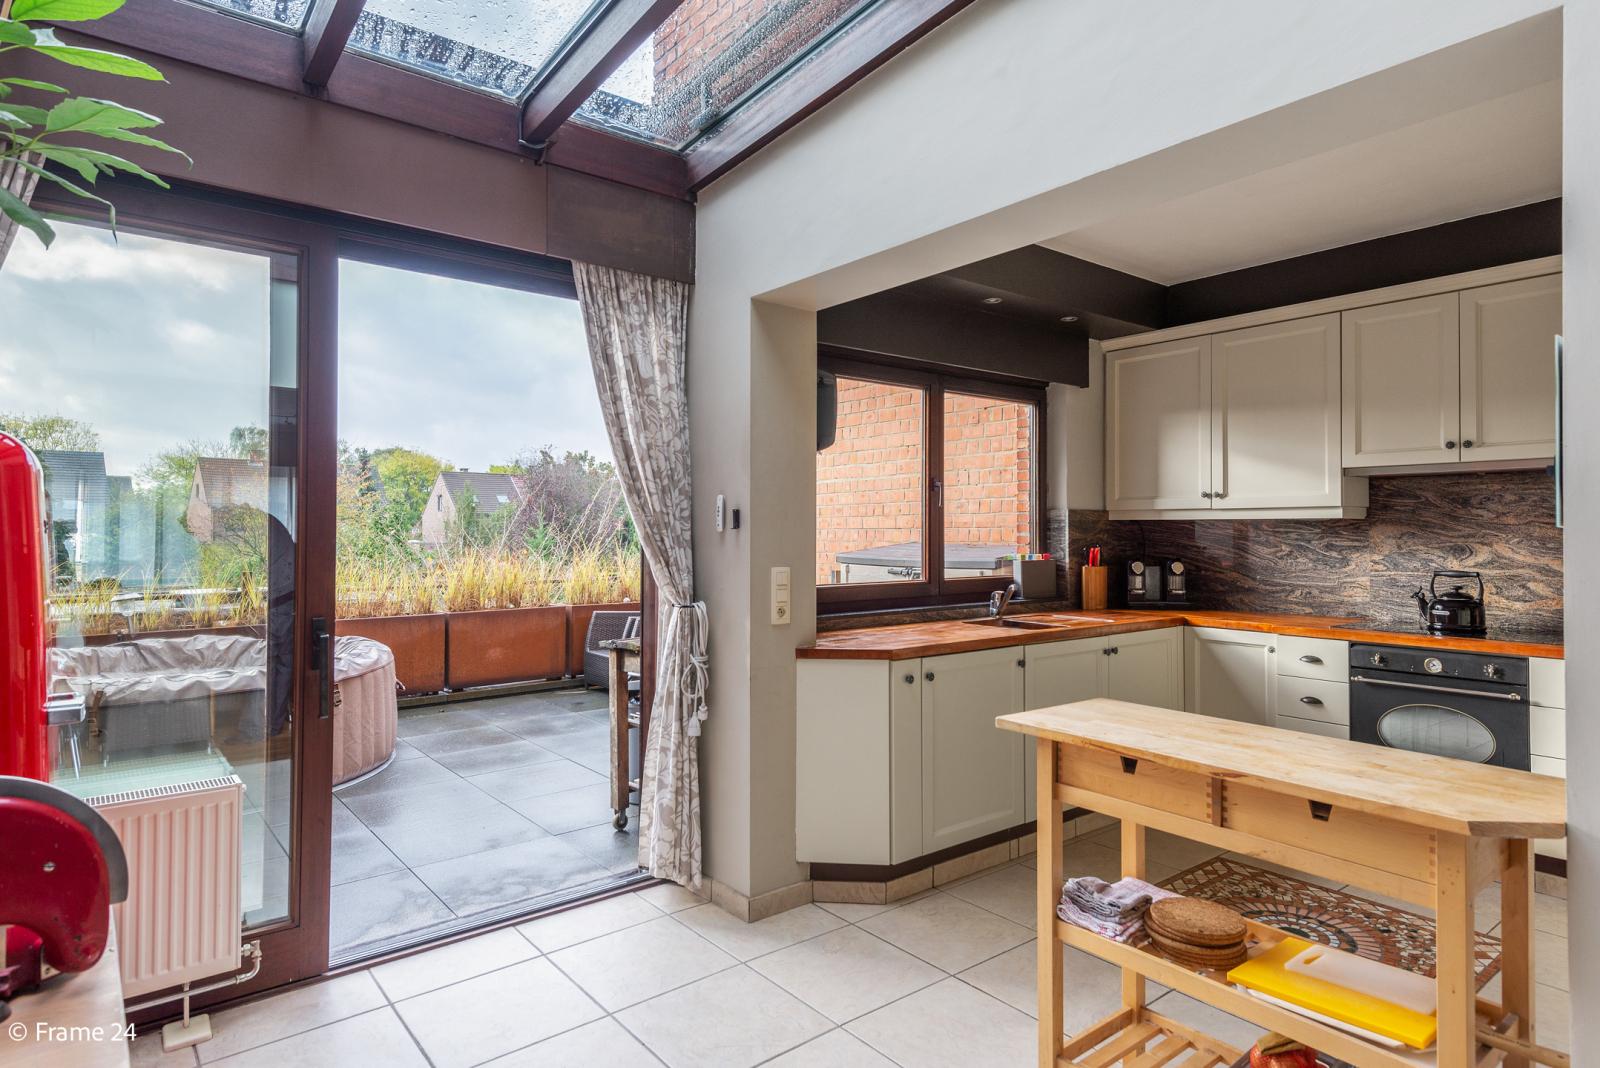 Verzorgde bel-étage met 3 slaapkamers, tuin en garage nabij centrum Wijnegem gelegen. afbeelding 9